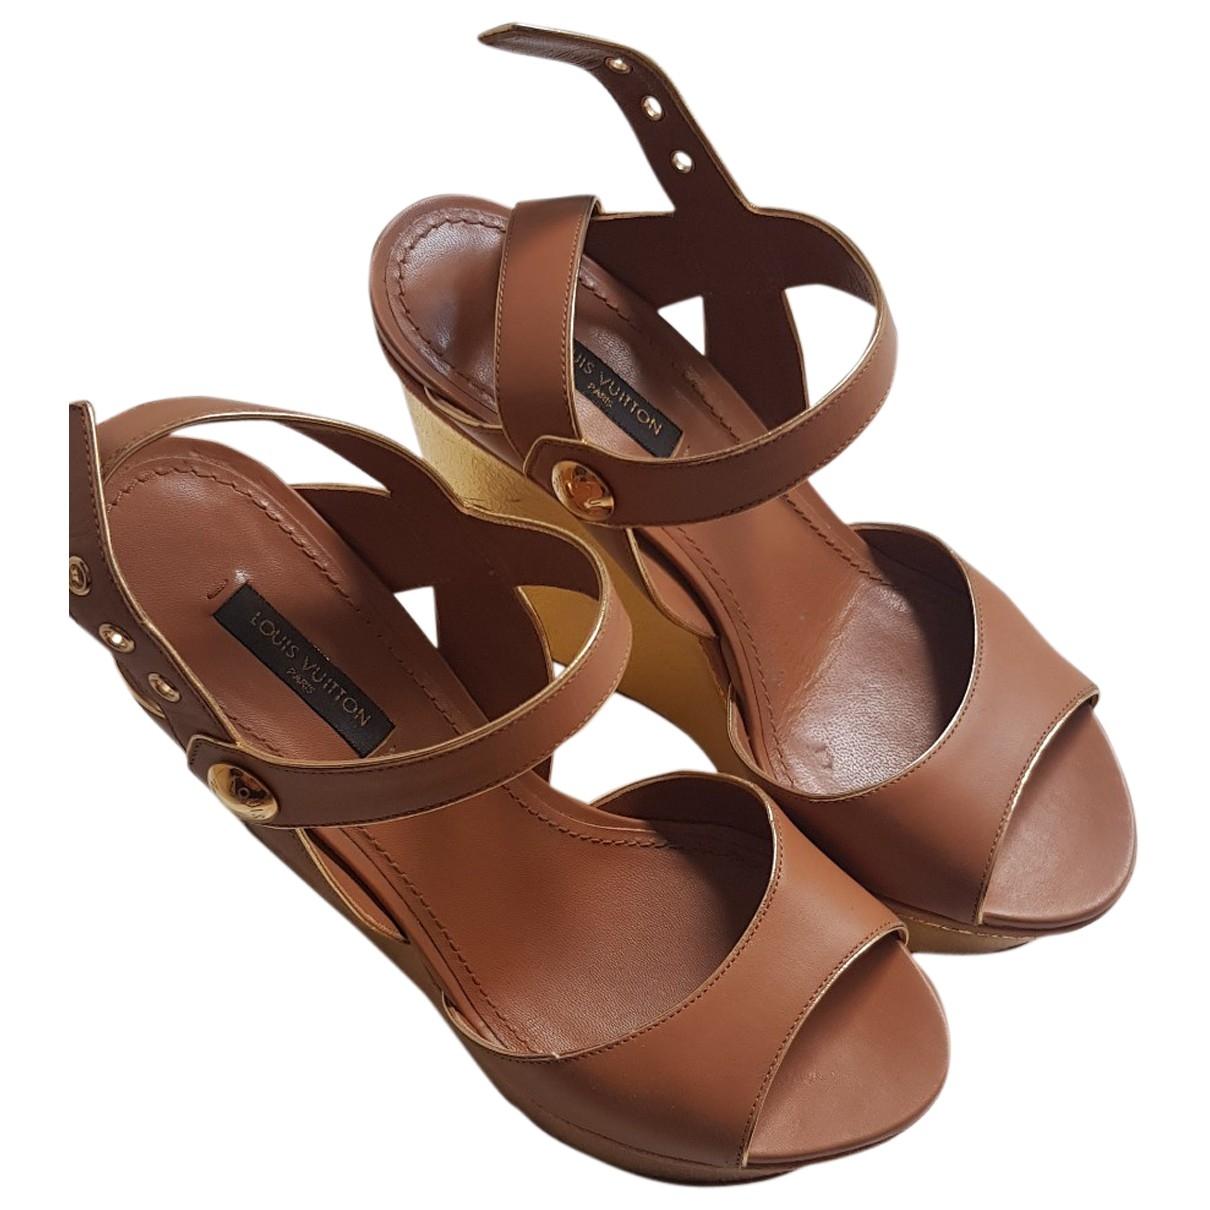 Louis Vuitton - Sandales   pour femme en cuir - camel